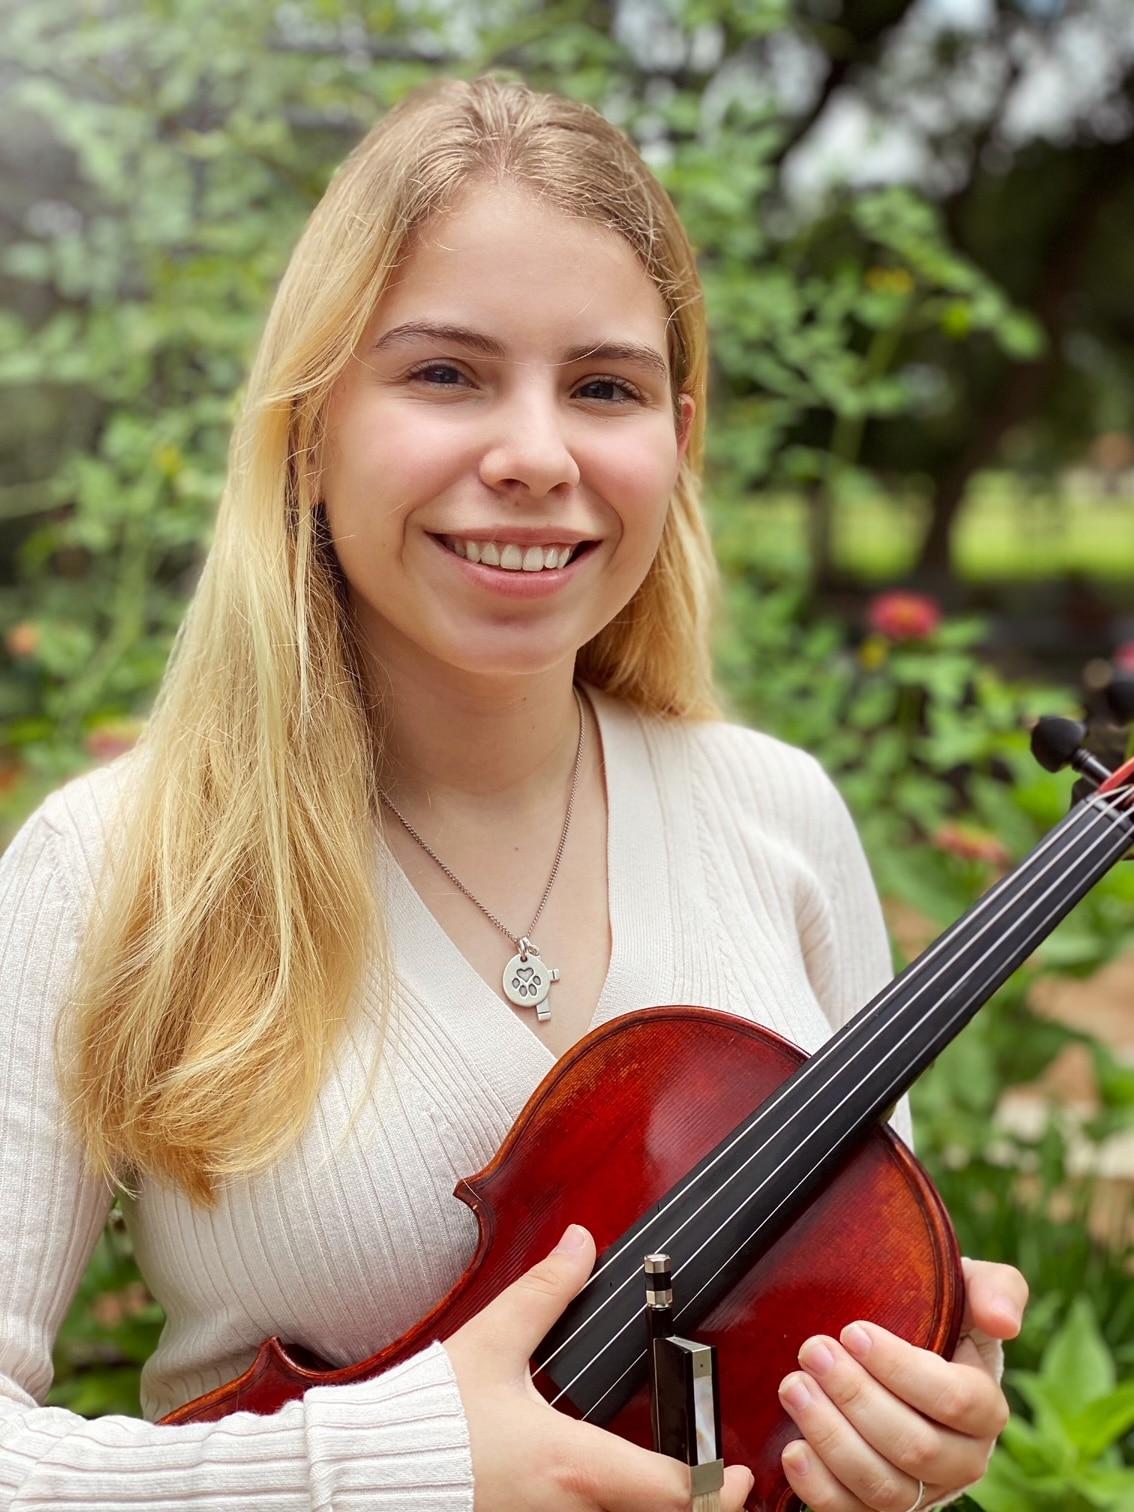 Tiffany Hargrove